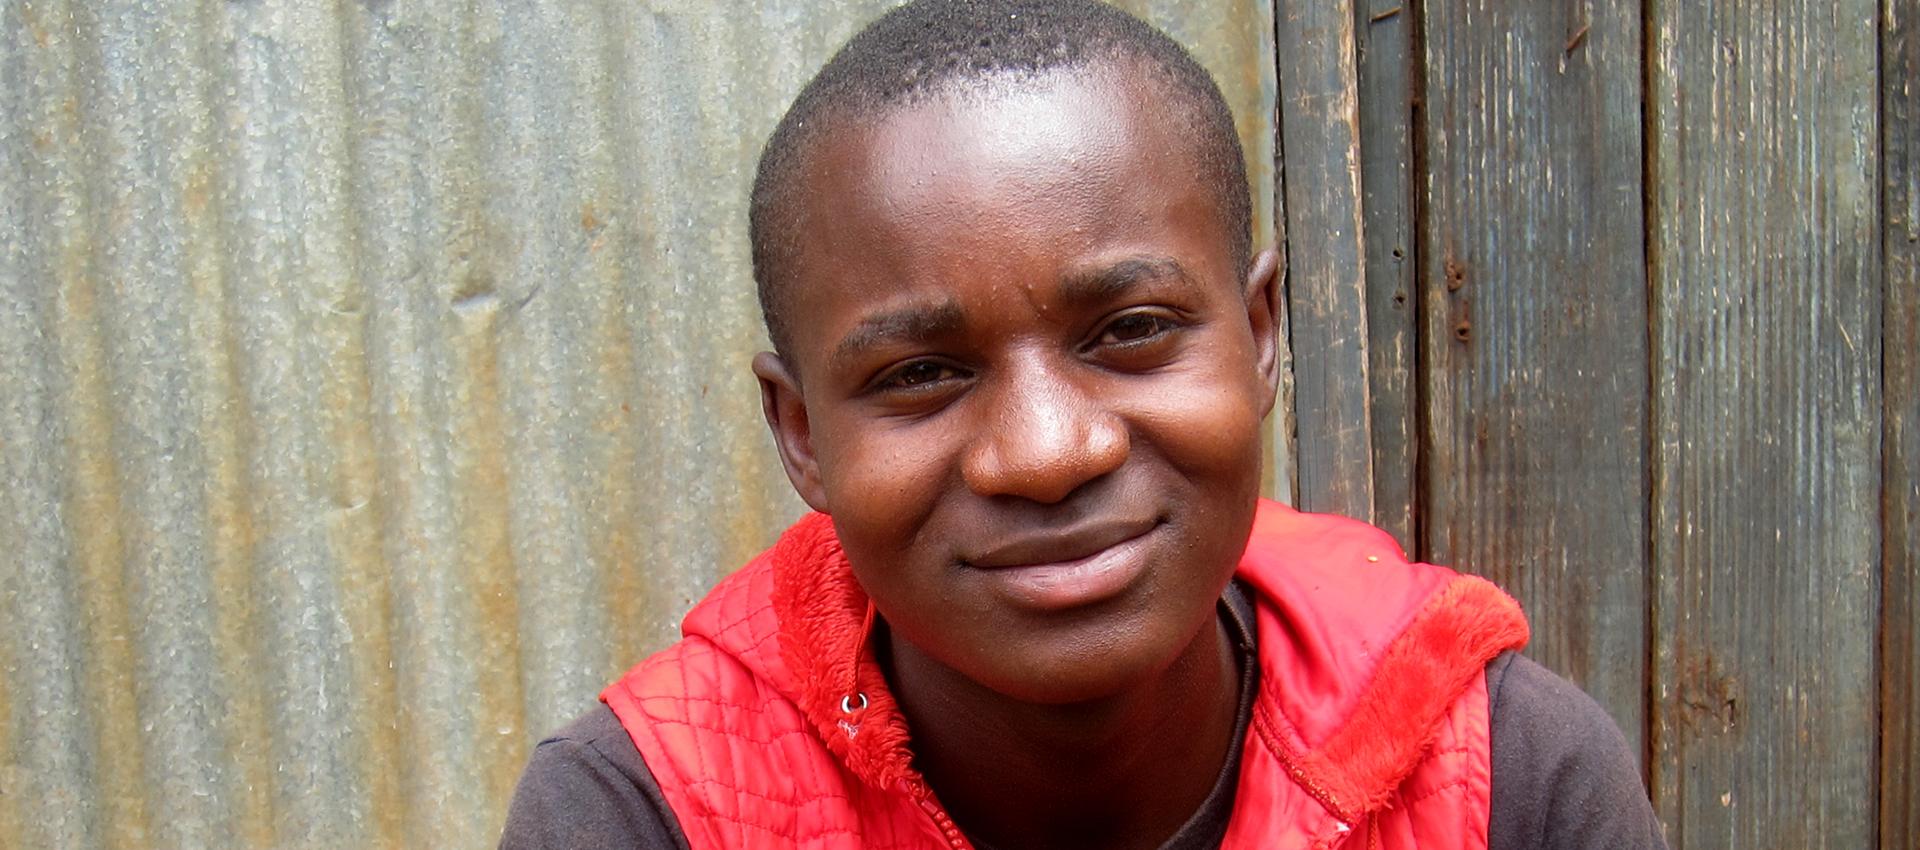 Derek i Emali i Kenya berättar om hur han och hans kompisar påverkas av Corona.